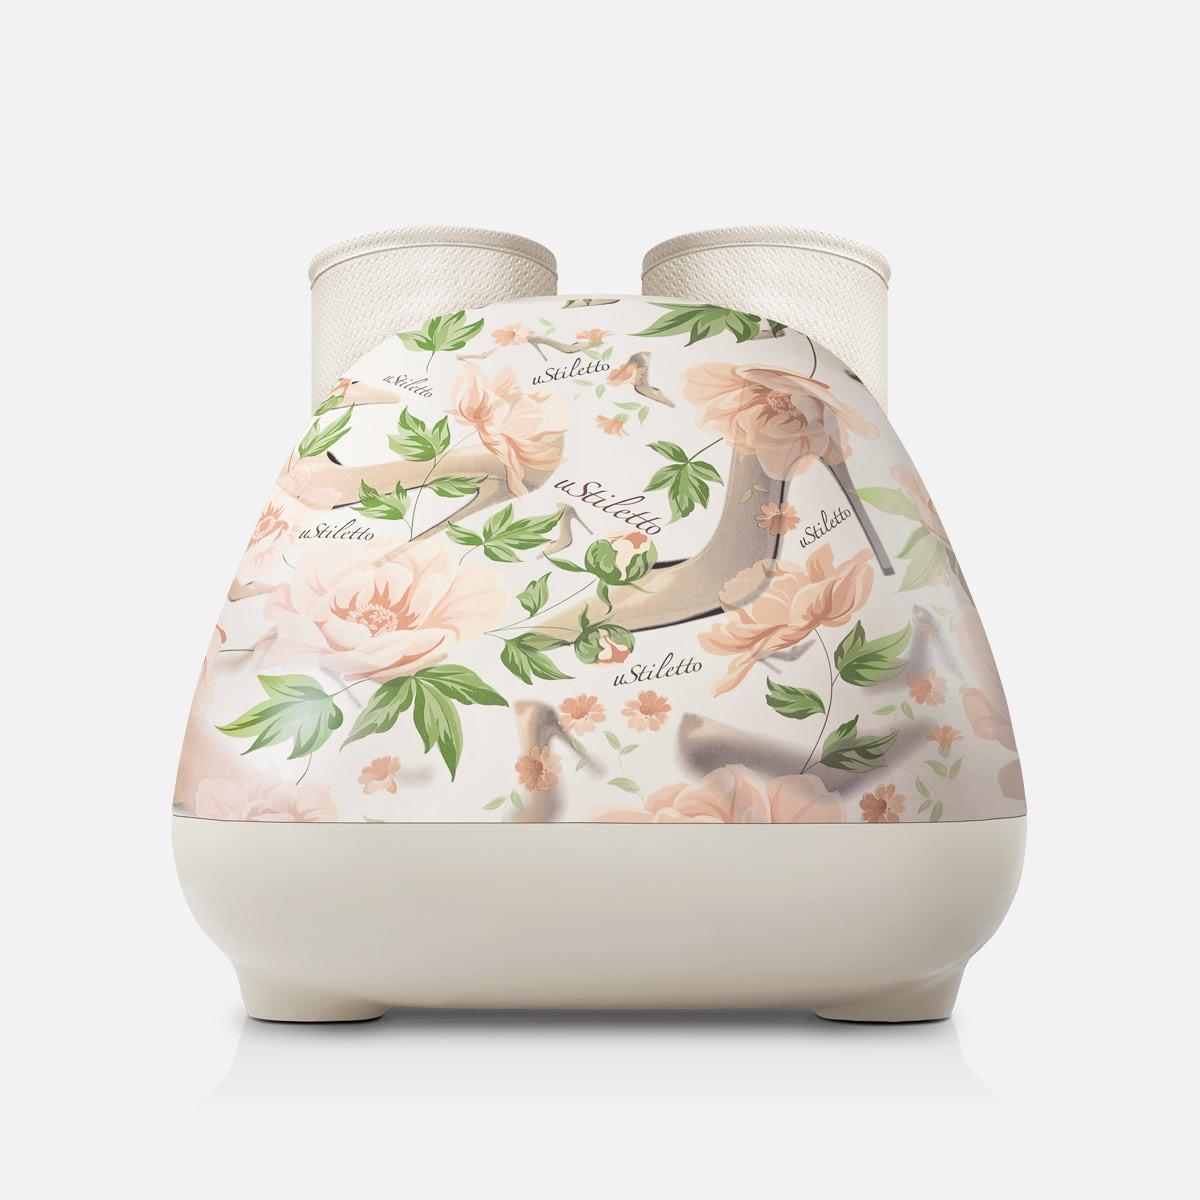 uStiletto Leg Massager (Home Maker)